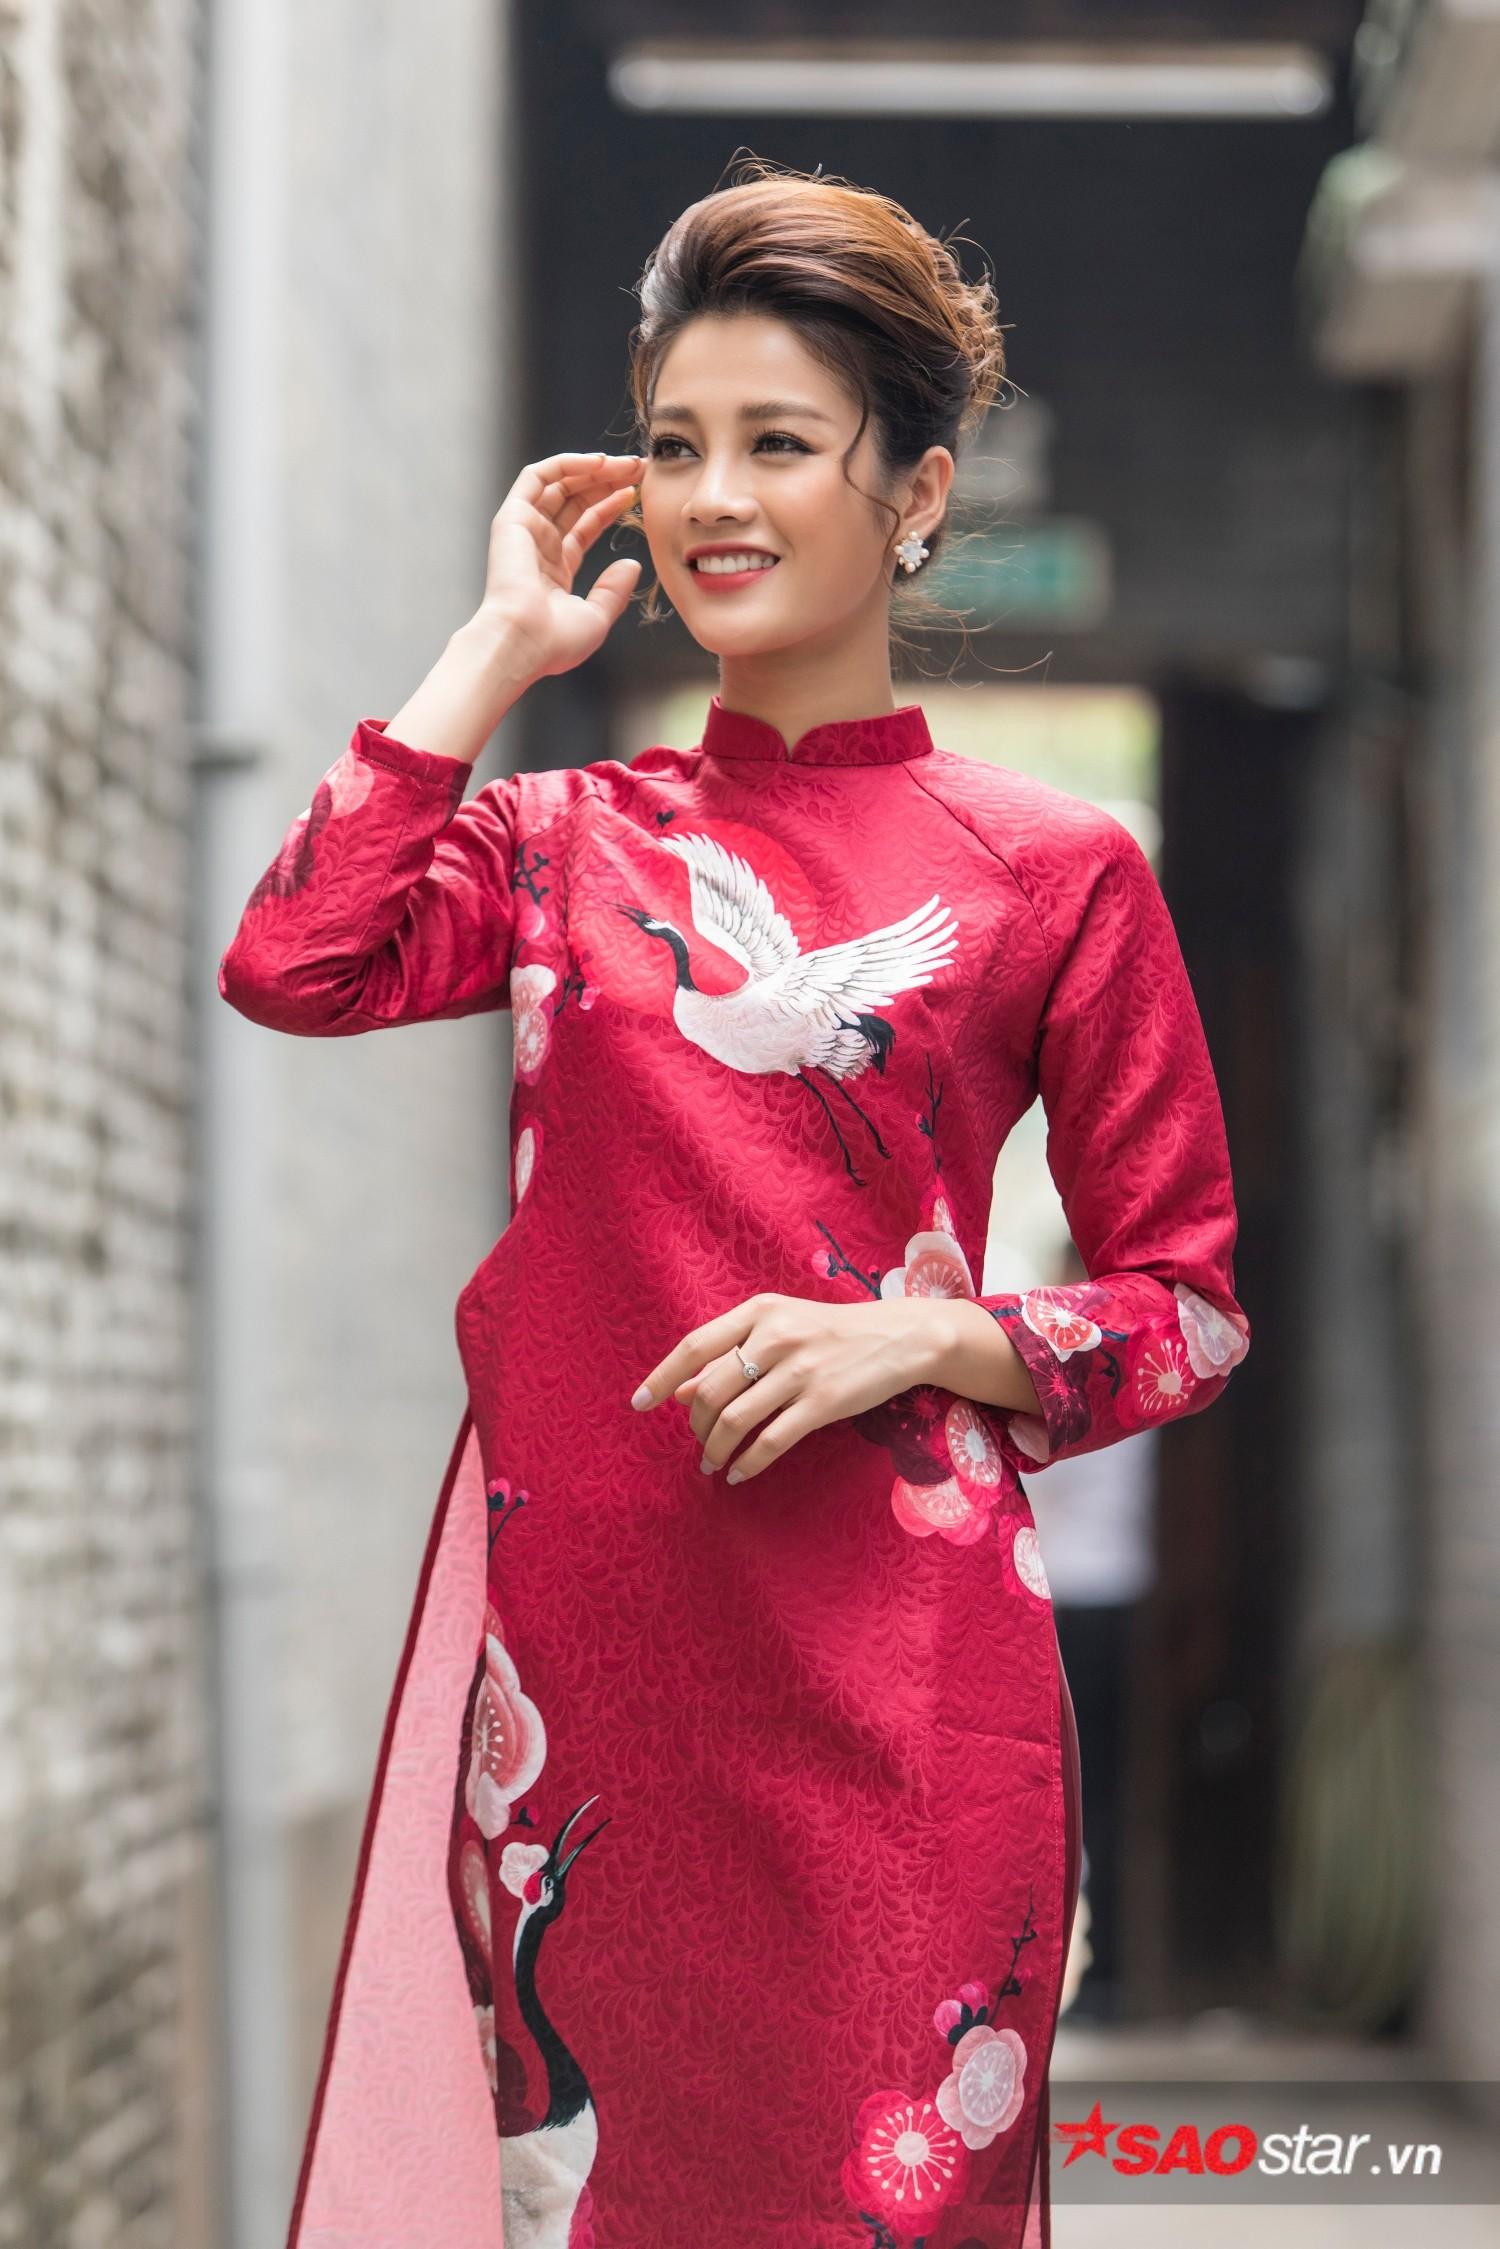 Học trò cưng Lan Khuê diện áo dài đỏ với hoạ tiết chim hạc nổi bật.